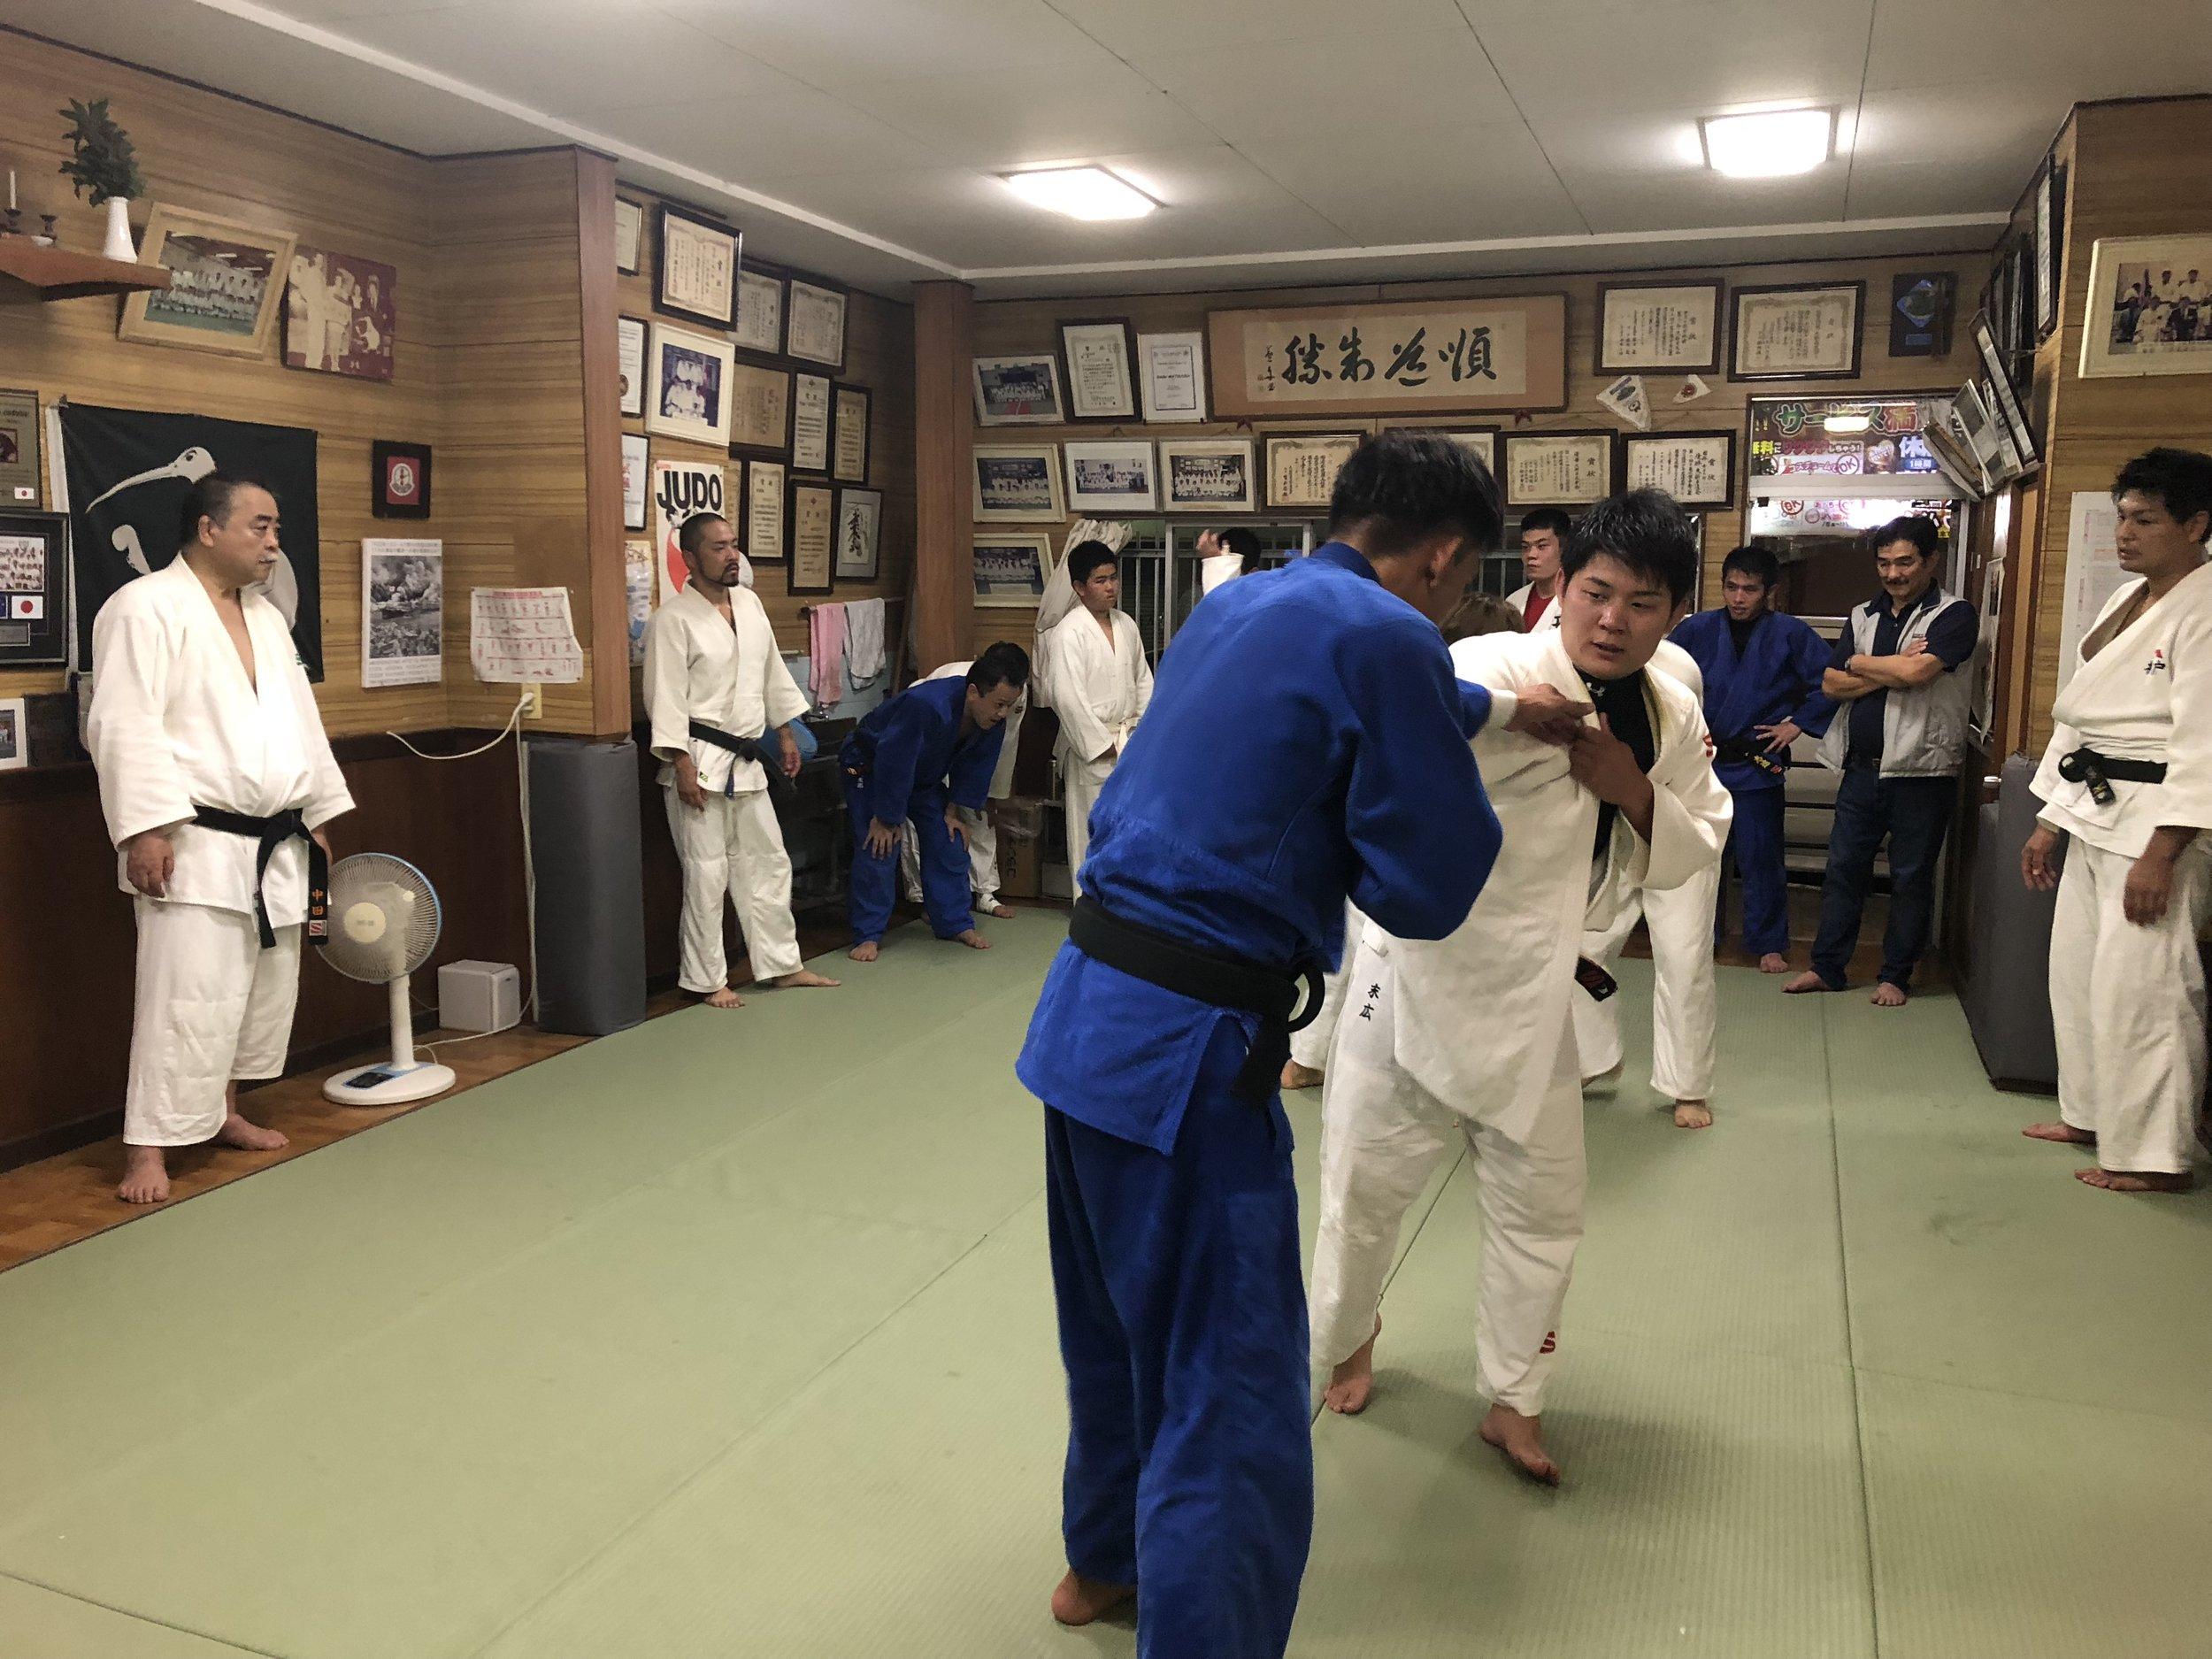 deeperjapan_kyoto_judo_customer_01.jpg